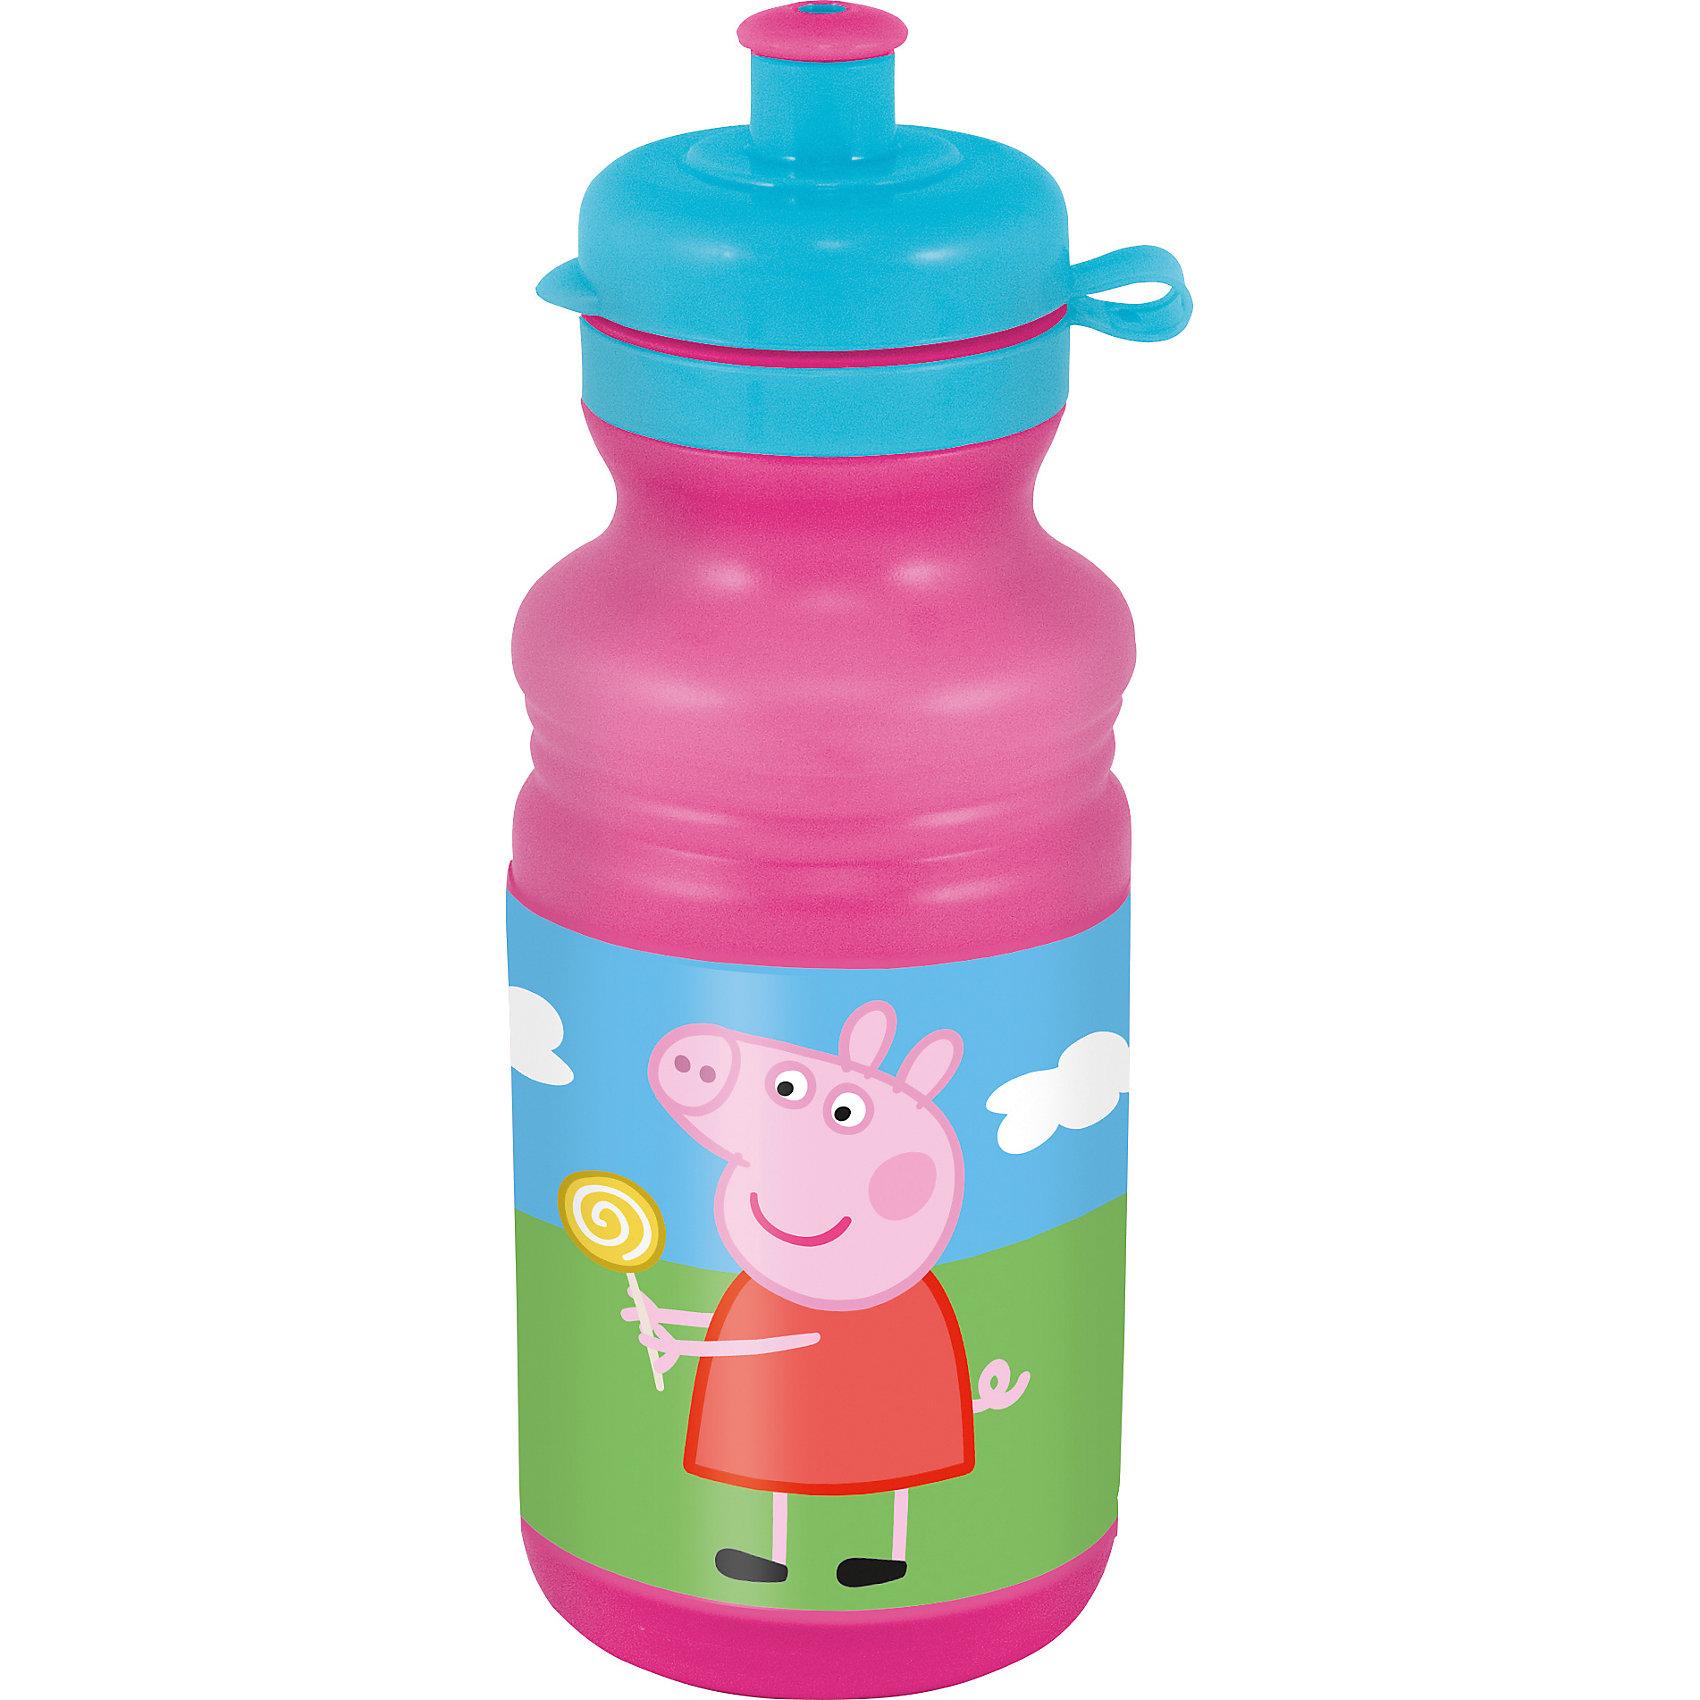 Бутылка для воды (500 мл), Свинка ПеппаЯркая фляга с изображением очаровательной свинки Пеппы станет неизменным спутником ребенка, как в школе или детском саду, так и в поездках. Эргономичная форма препятствует выскальзыванию из рук, удобная крышка с закрывающимся клапаном для питья исключит проливание. Фляга выполнена из высококачественного гипоаллергенного пластика абсолютно безопасного для детей. <br><br>Дополнительная информация:<br><br>- Материал: пластик.<br>- Объем: 500 мл.<br>- Закрывающийся клапан для питья.<br><br>Флягу, 500 мл, Свинка Пеппа (Peppa Pig), можно купить в нашем магазине.<br><br>Ширина мм: 75<br>Глубина мм: 75<br>Высота мм: 195<br>Вес г: 900<br>Возраст от месяцев: 36<br>Возраст до месяцев: 144<br>Пол: Унисекс<br>Возраст: Детский<br>SKU: 4761410